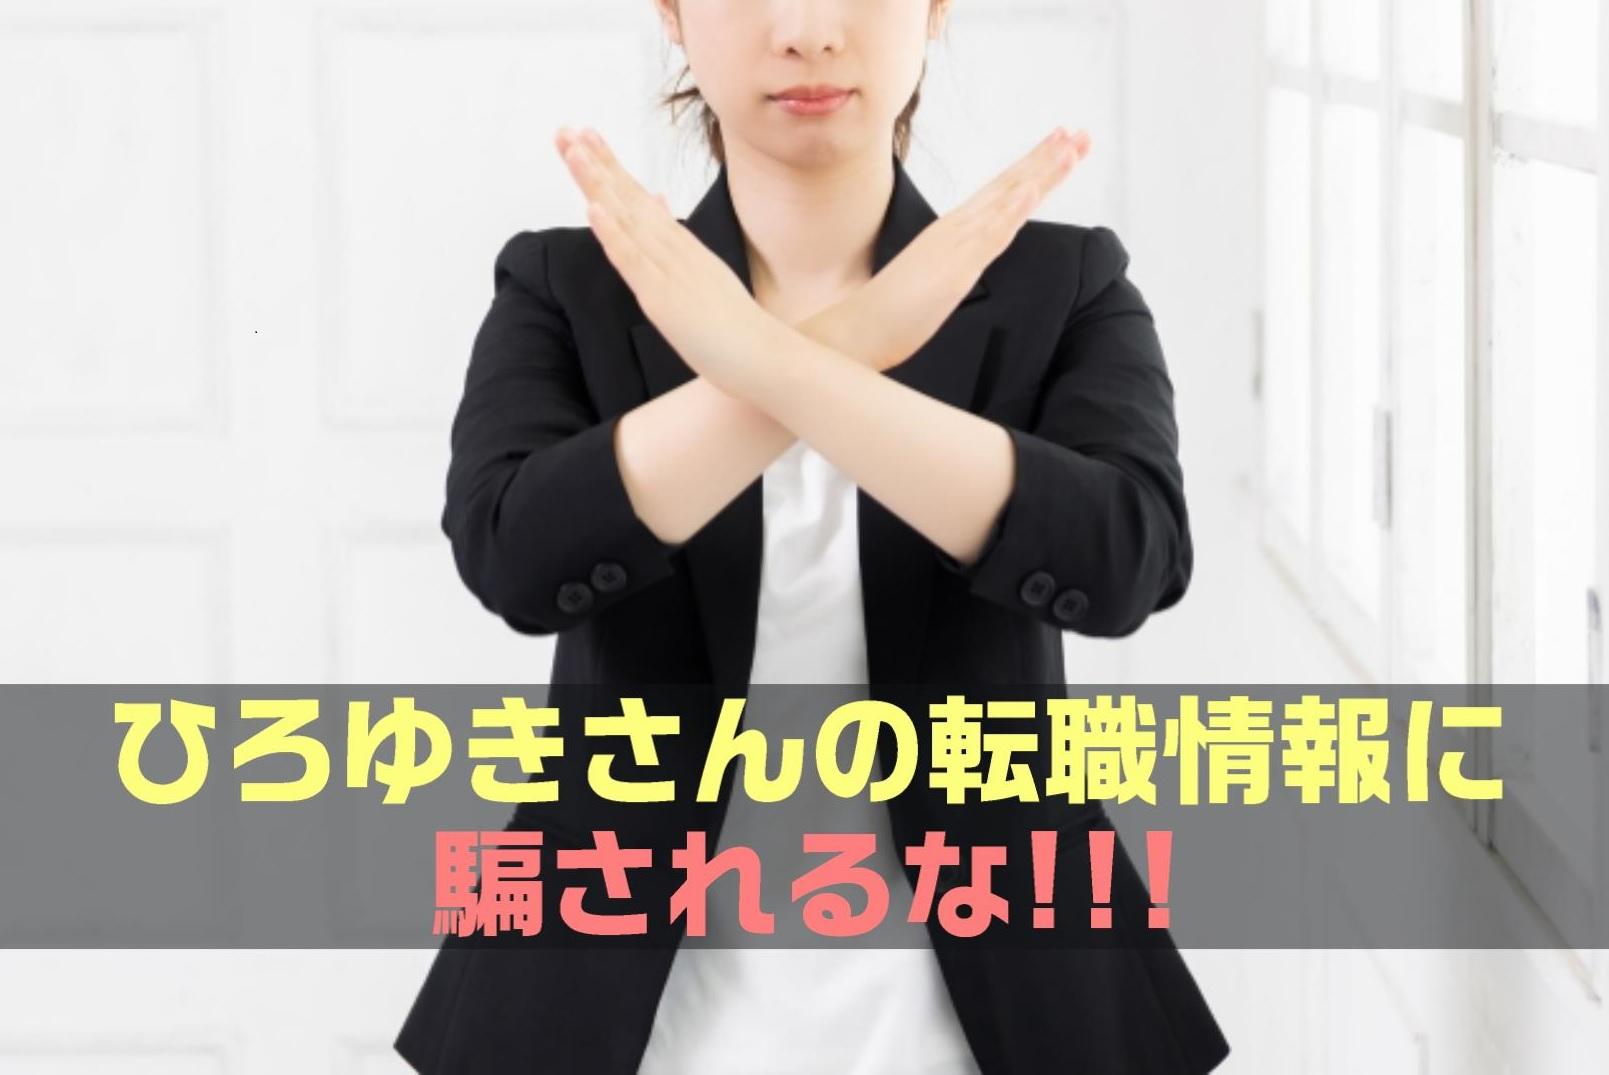 【警告!】ひろゆきさんの転職情報に騙されるな!!!